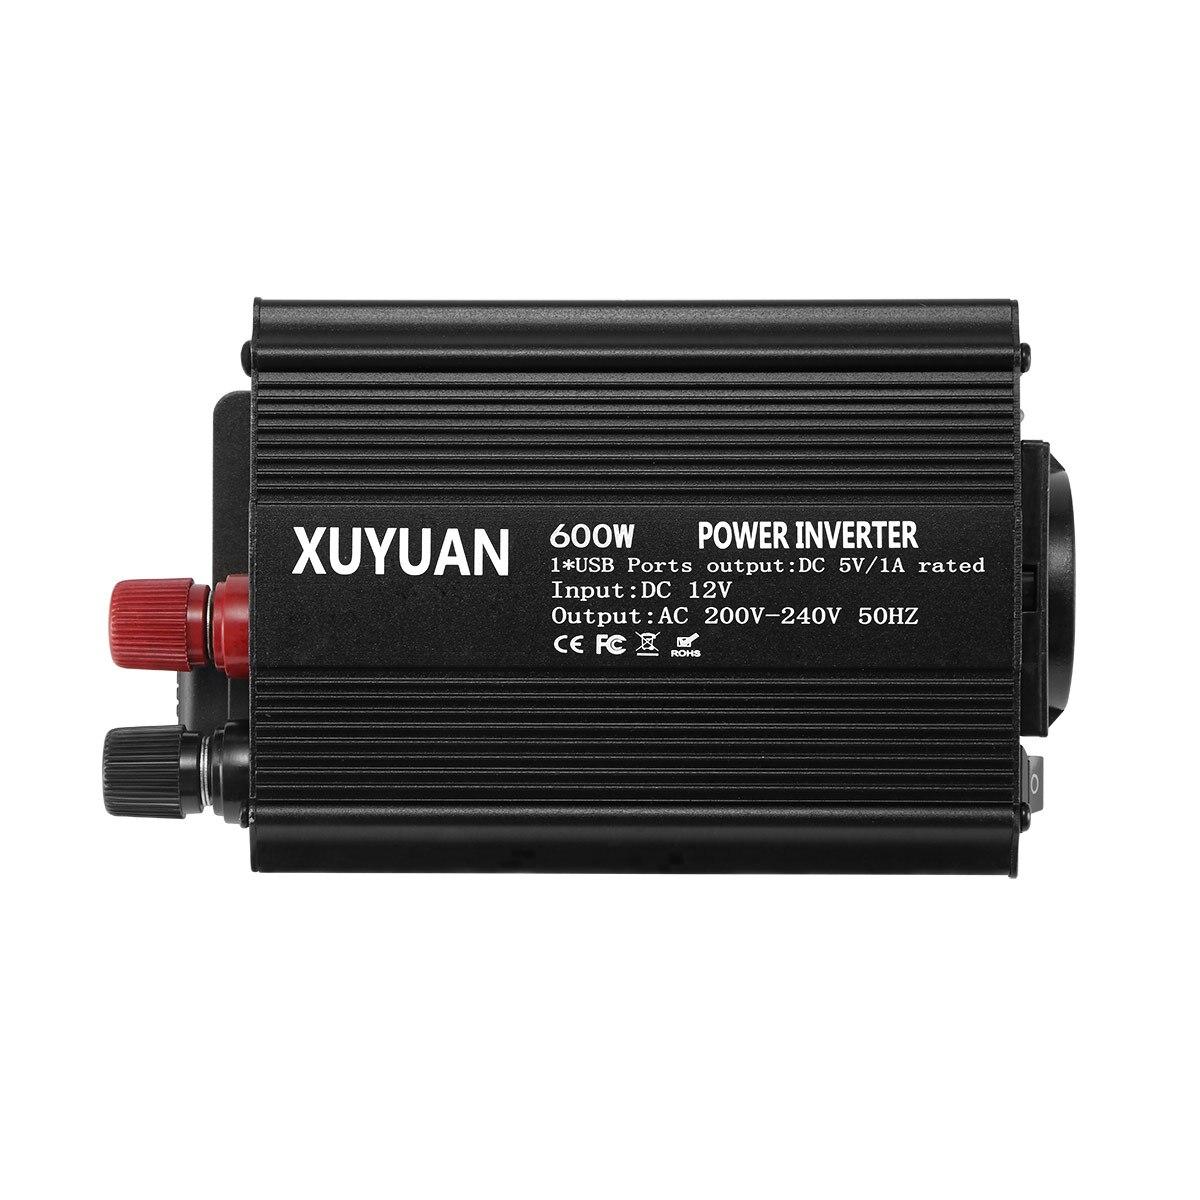 Convertidor de potencia del coche inversor 600W DC12V a AC220V Auto inversor cargador 1 interfaz de salida USB enchufe de la UE nueva llegada